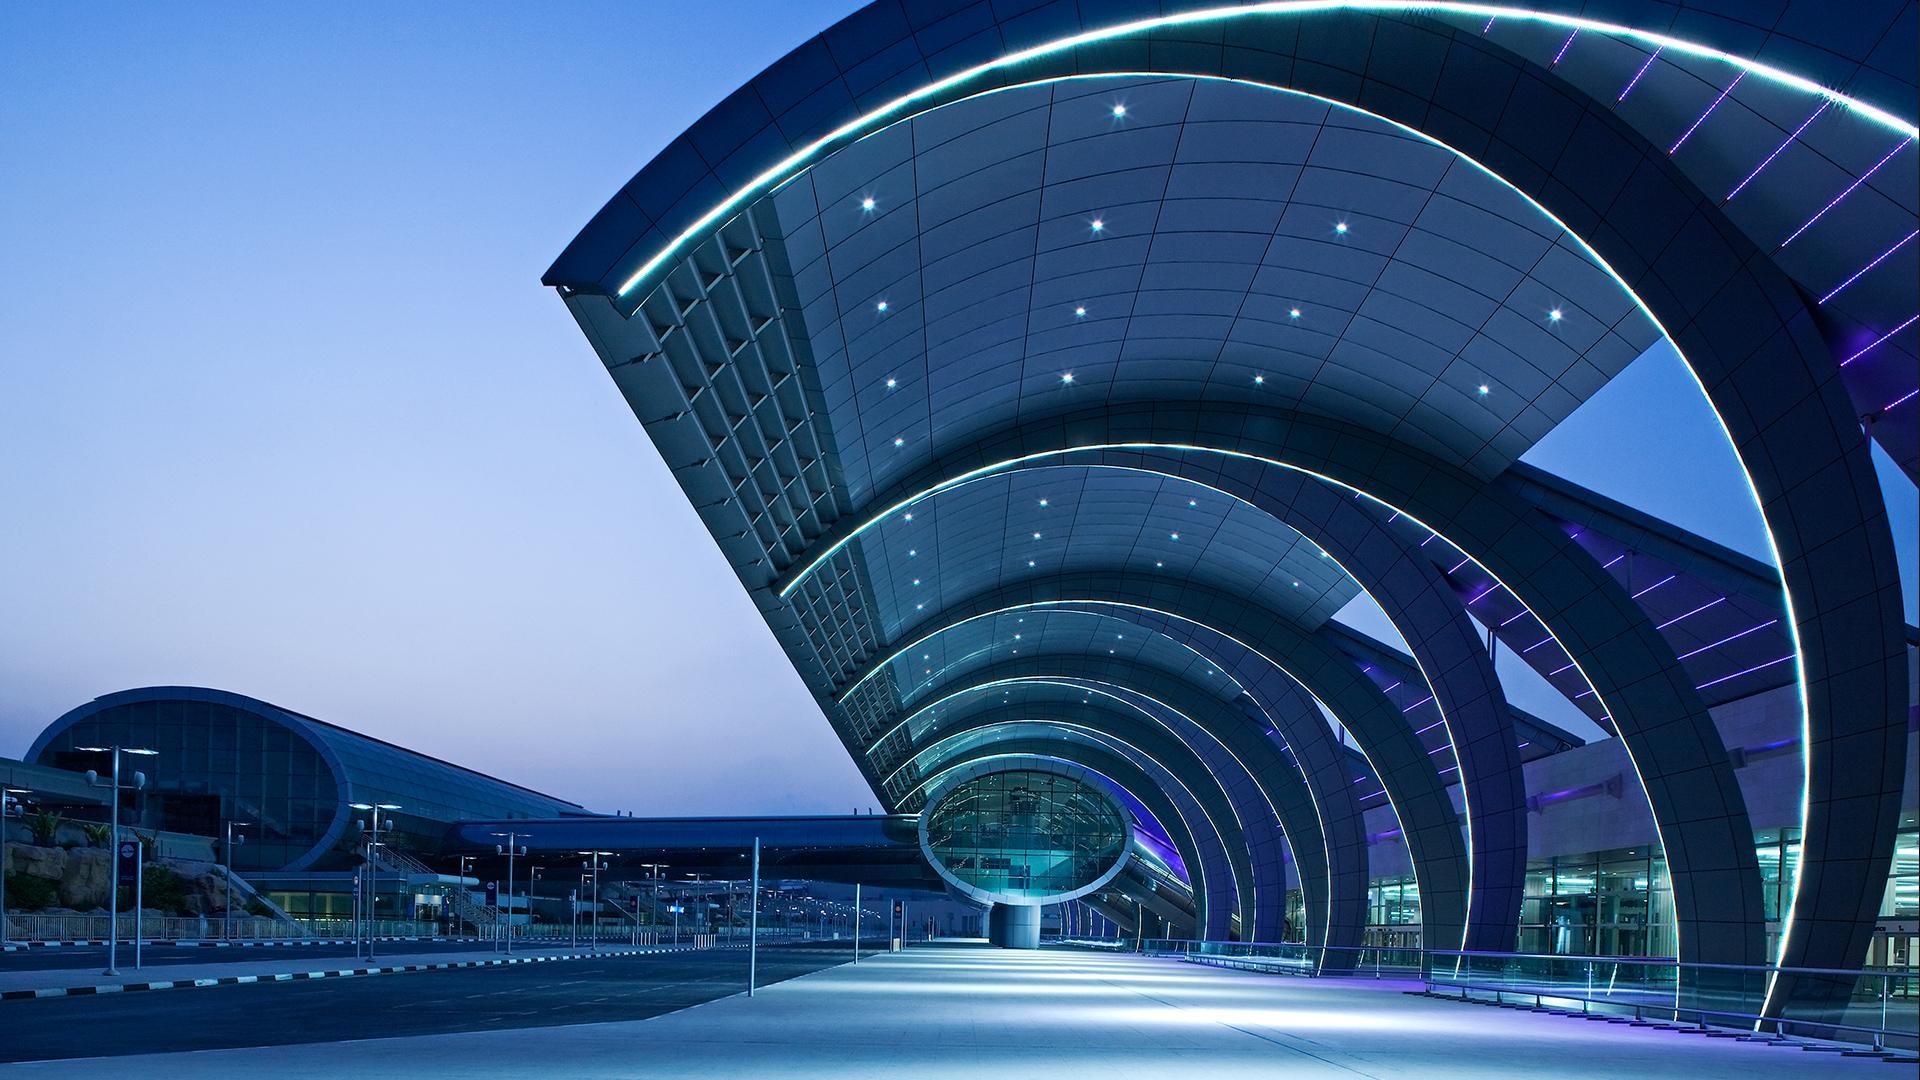 El aeropuerto de Dubái sigue creciendo en cantidad de pasajeros